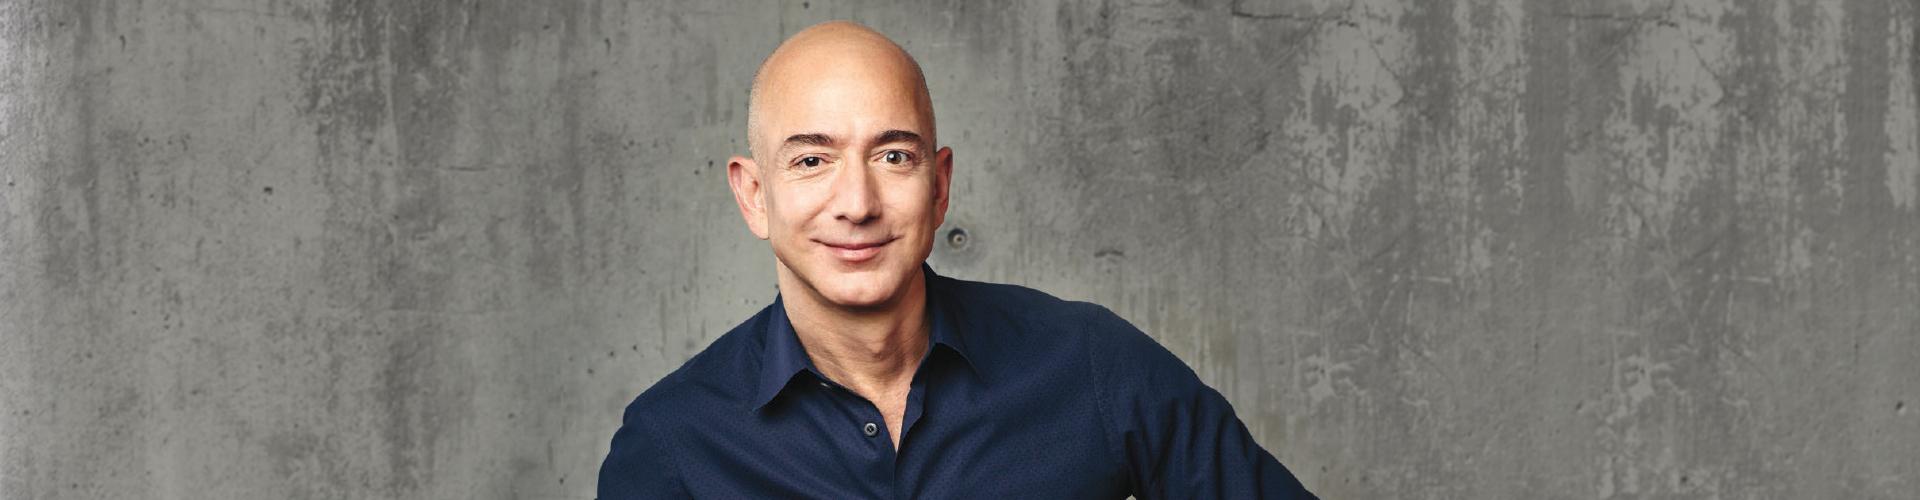 ACES Jeff Bezos Homepagebanner